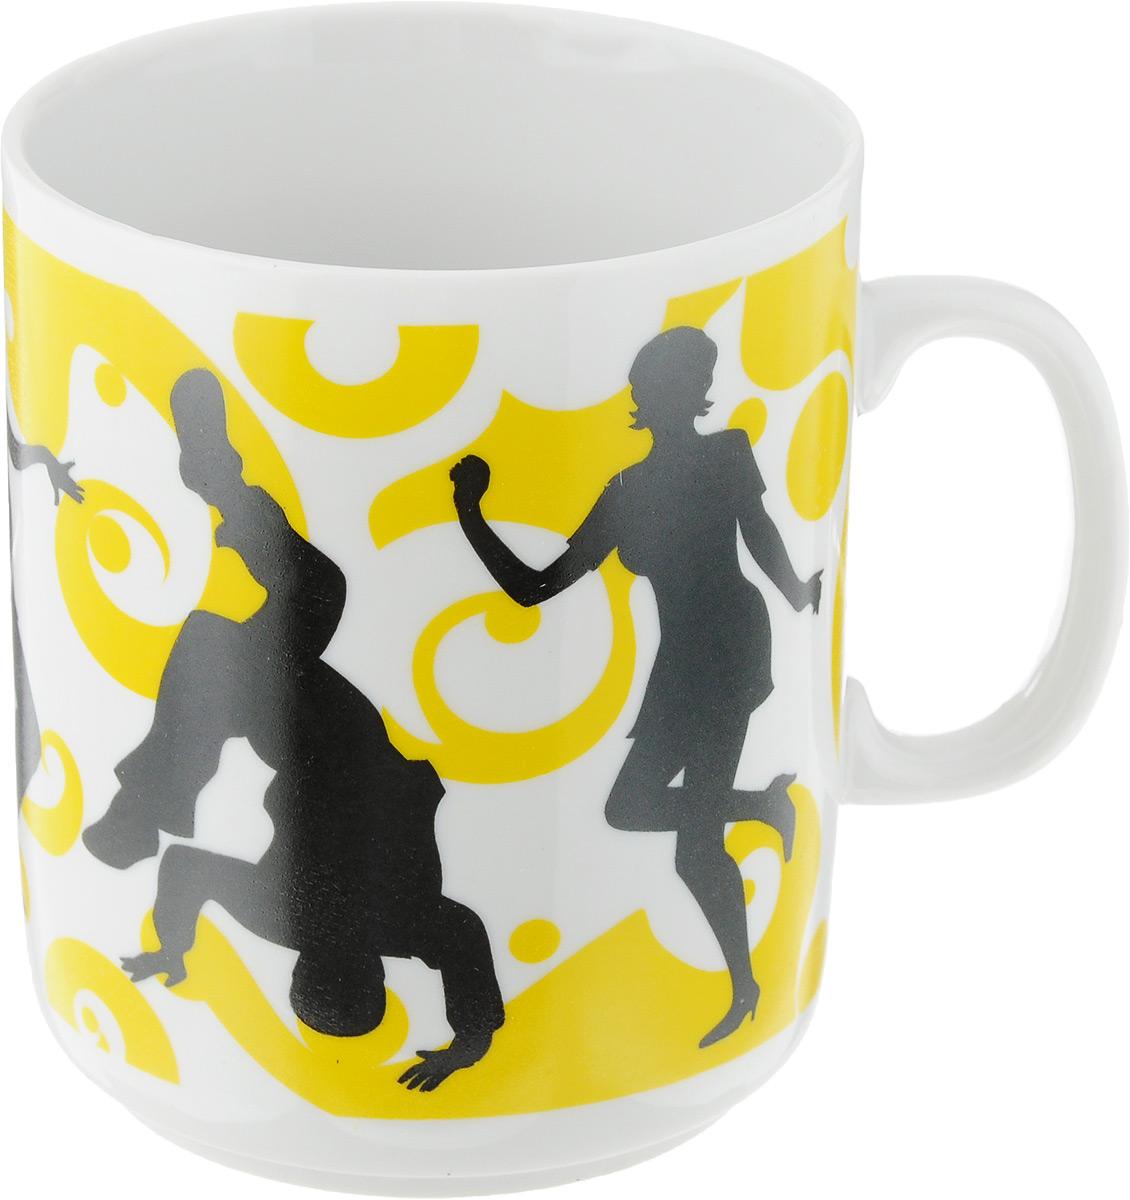 Кружка Фарфор Вербилок Dance, цвет: желтый, белый, черный, 300 мл54 009312Кружка Фарфор Вербилок Dance способна скрасить любое чаепитие. Изделие выполнено из высококачественного фарфора. Посуда из такого материала позволяет сохранить истинный вкус напитка, а также помогает ему дольше оставаться теплым.Диаметр по верхнему краю: 7,5 см.Высота кружки: 10 см.